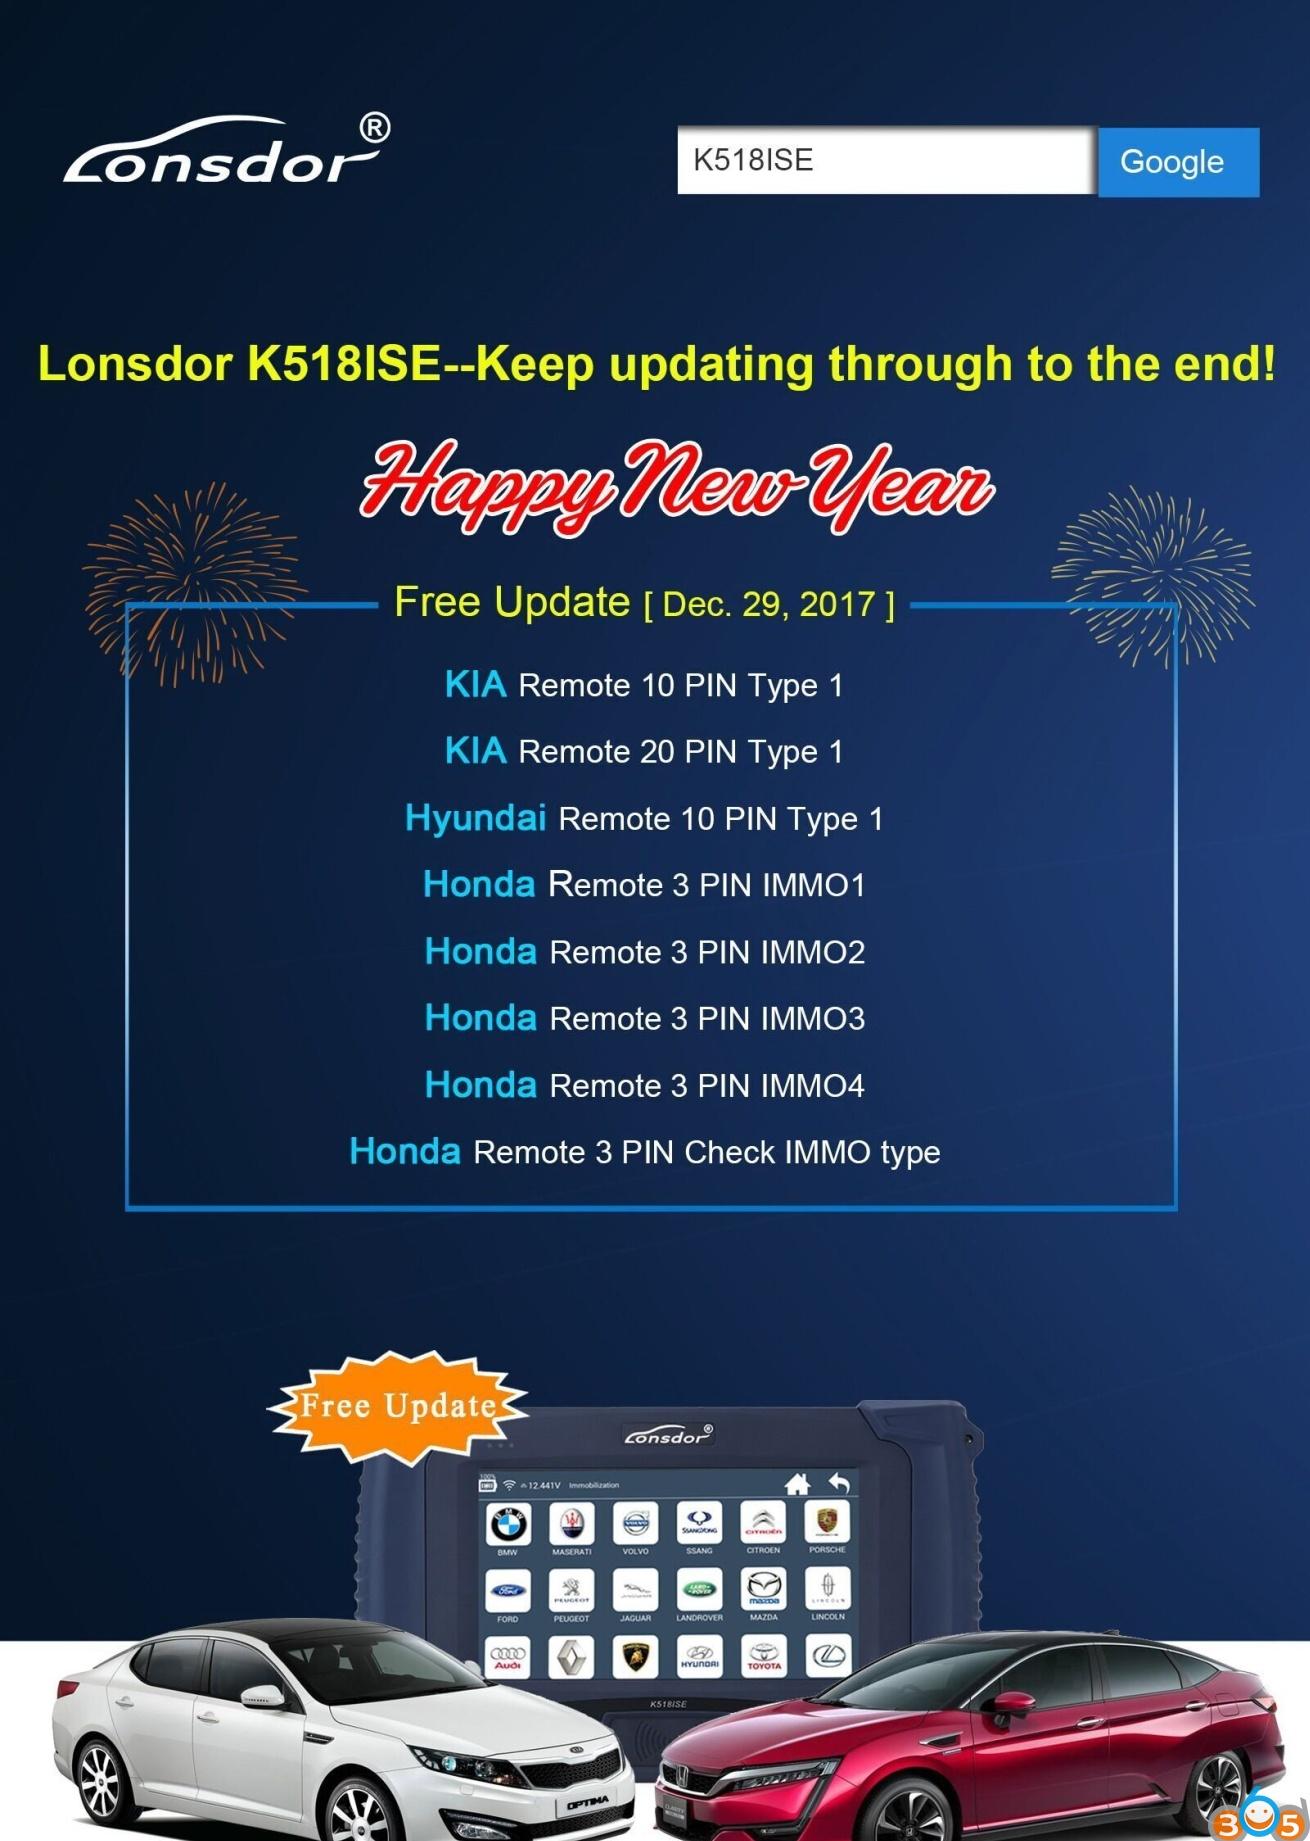 k518-hyundai-kia-honda-pin-code